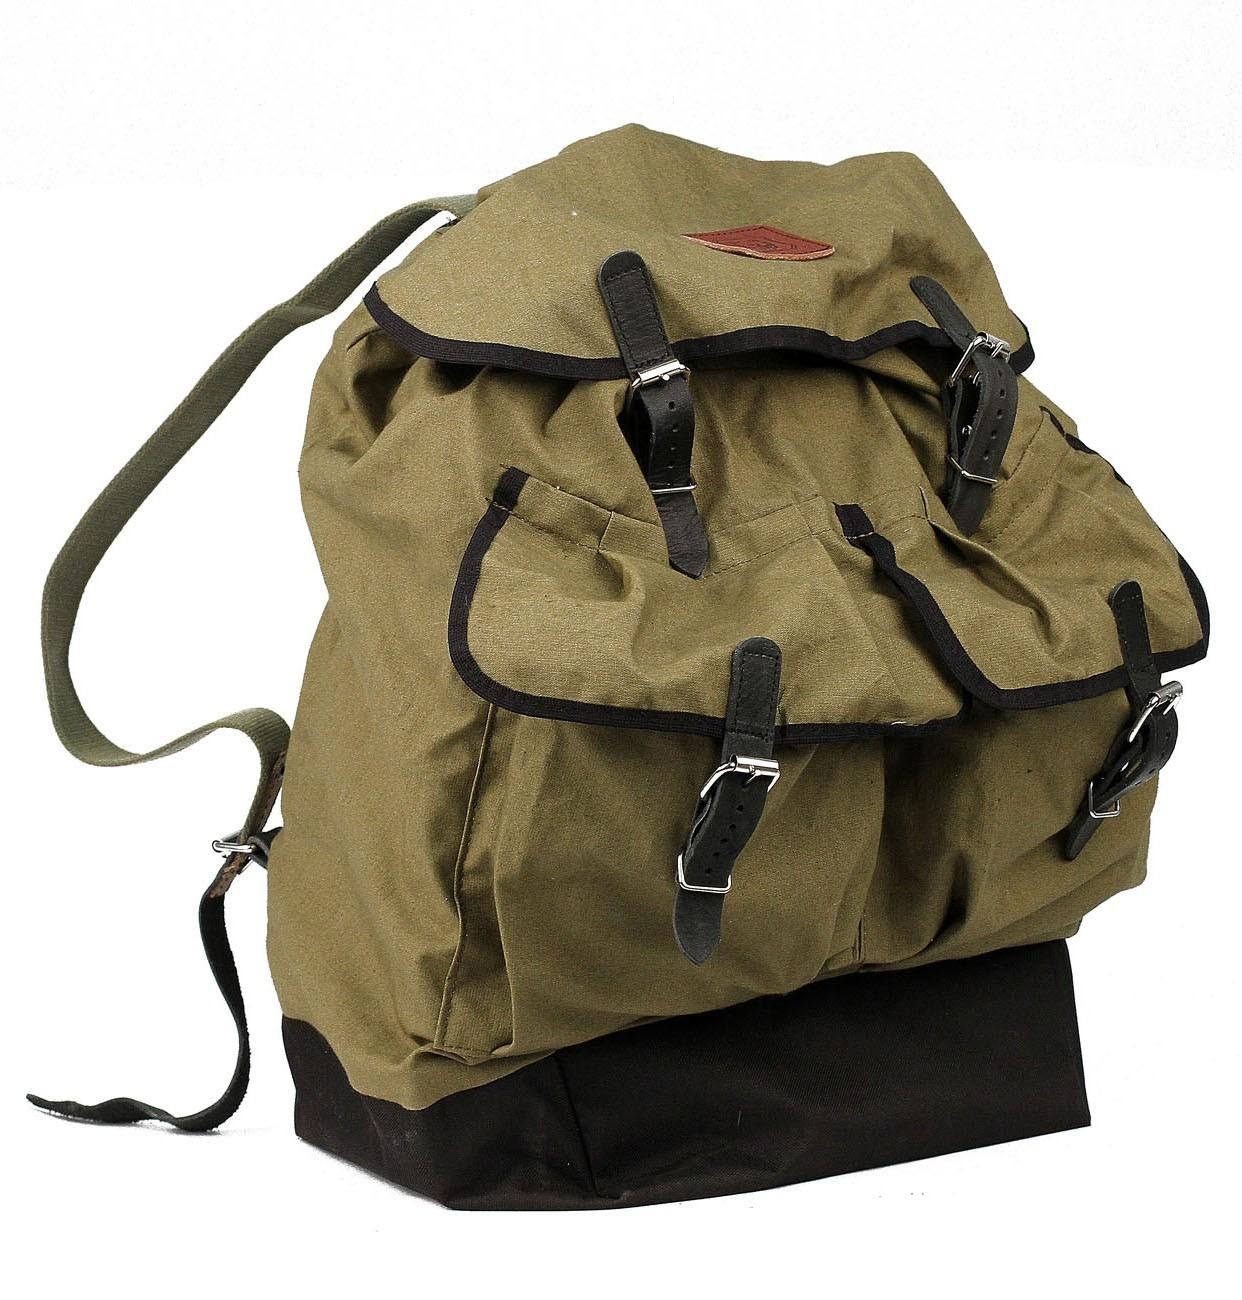 Рюкзак со шнуровкой по бокам ссср фото рюкзак campus atrio 35 отзывы